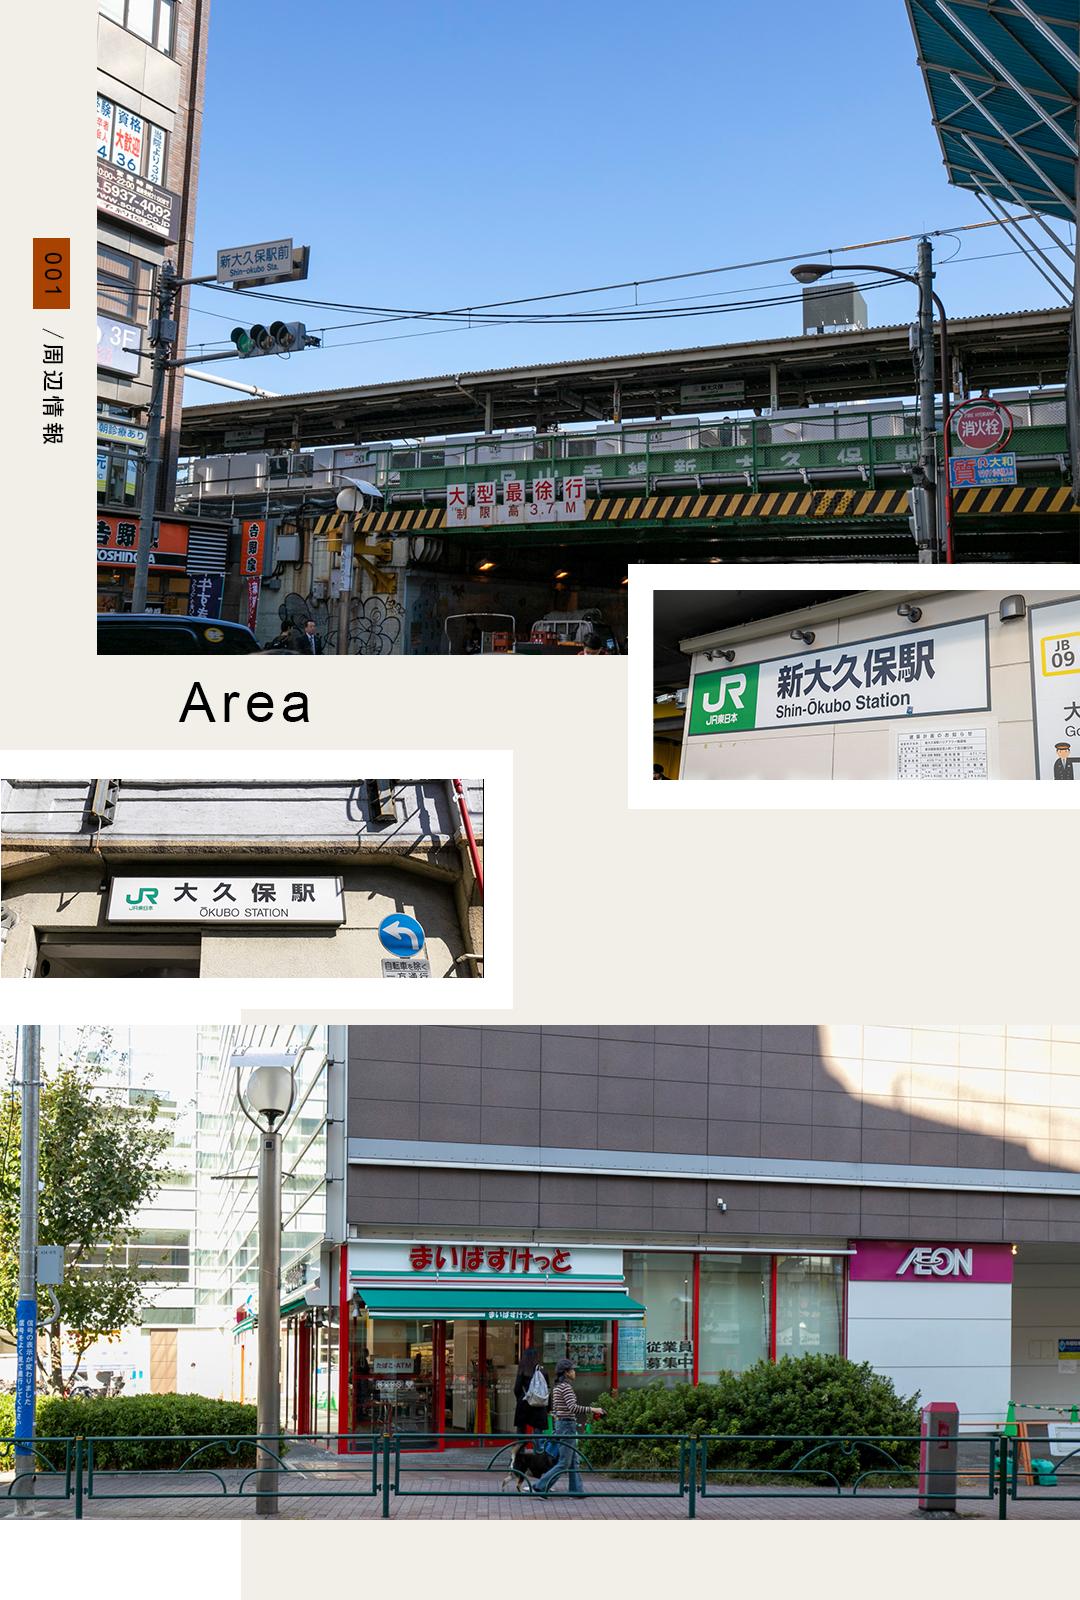 01エリア周辺情報,Area